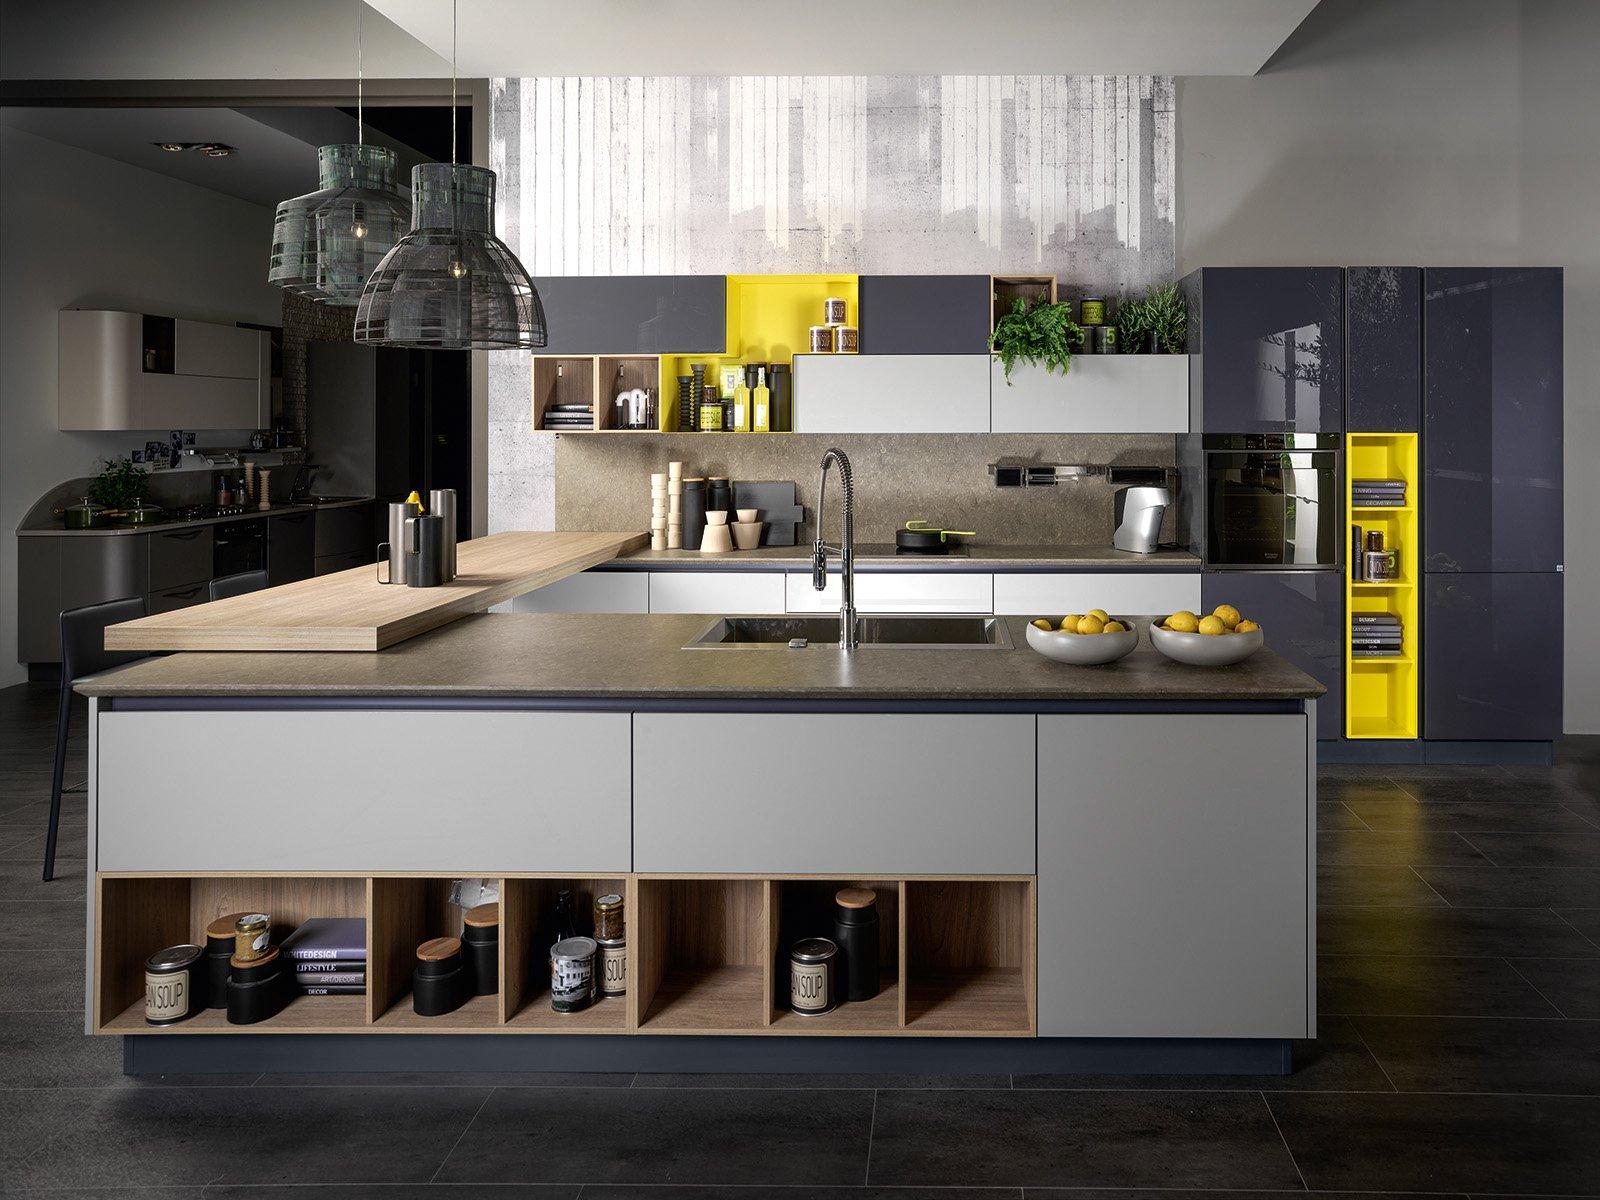 Pulire la cucina prodotti diversi a seconda dei materiali cose di casa - Spessore top cucina ...